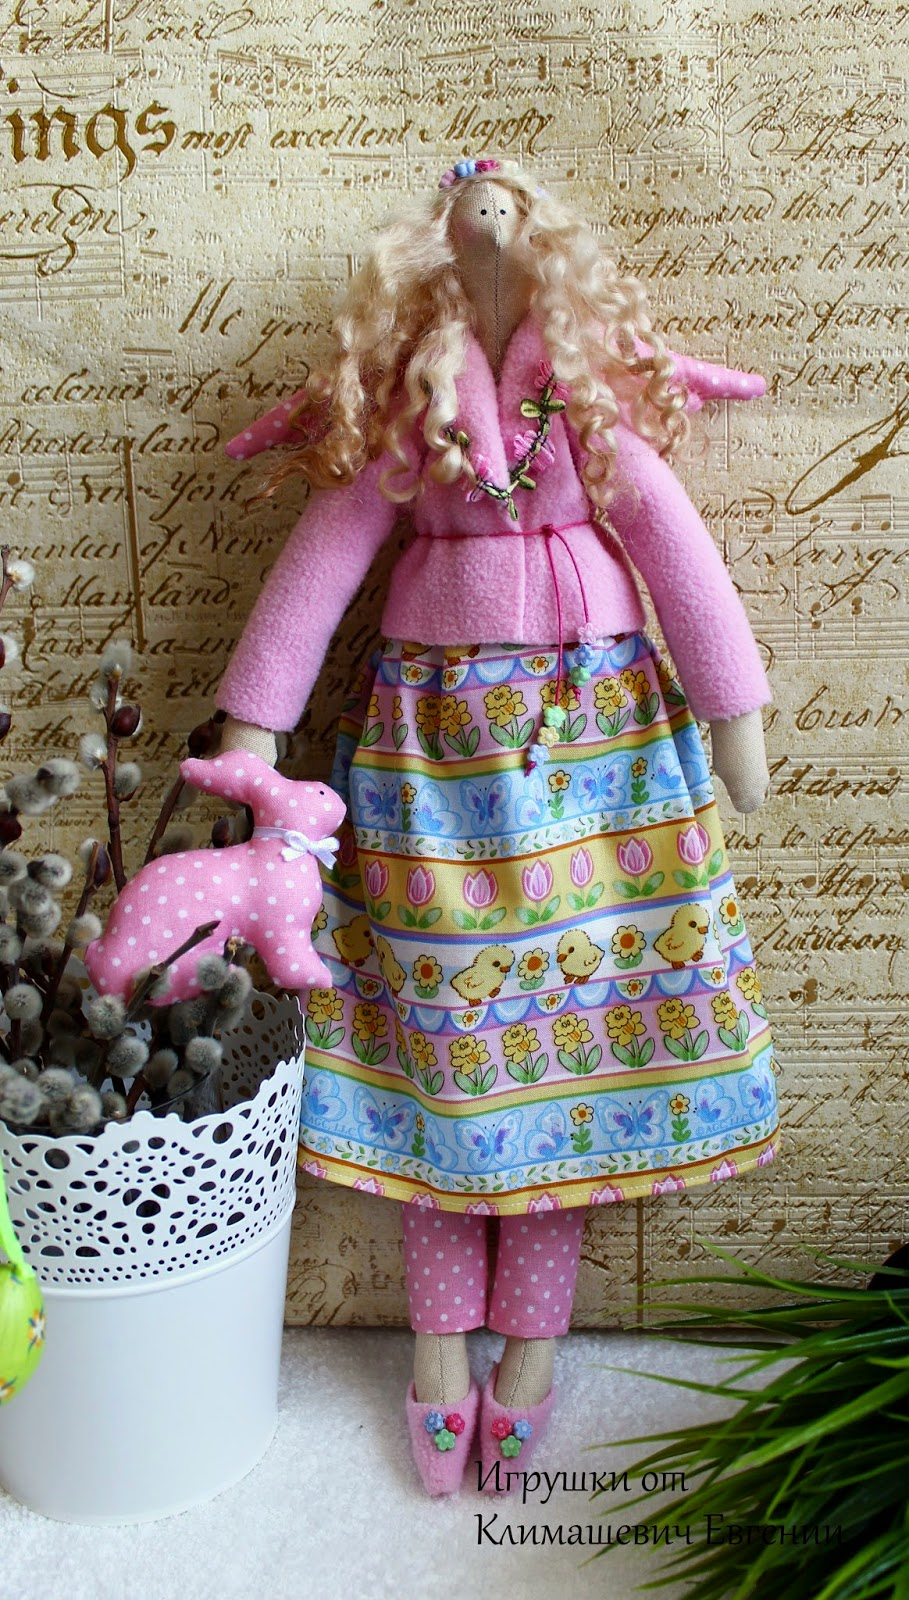 Весенняя фея, тильда, тильда фея, тильда ангел, кукла тильда, сшить тильду, мастер класс тильда, выкройка, выкройка тильда, купить тильду, игрушки, кукла, кукла своими руками